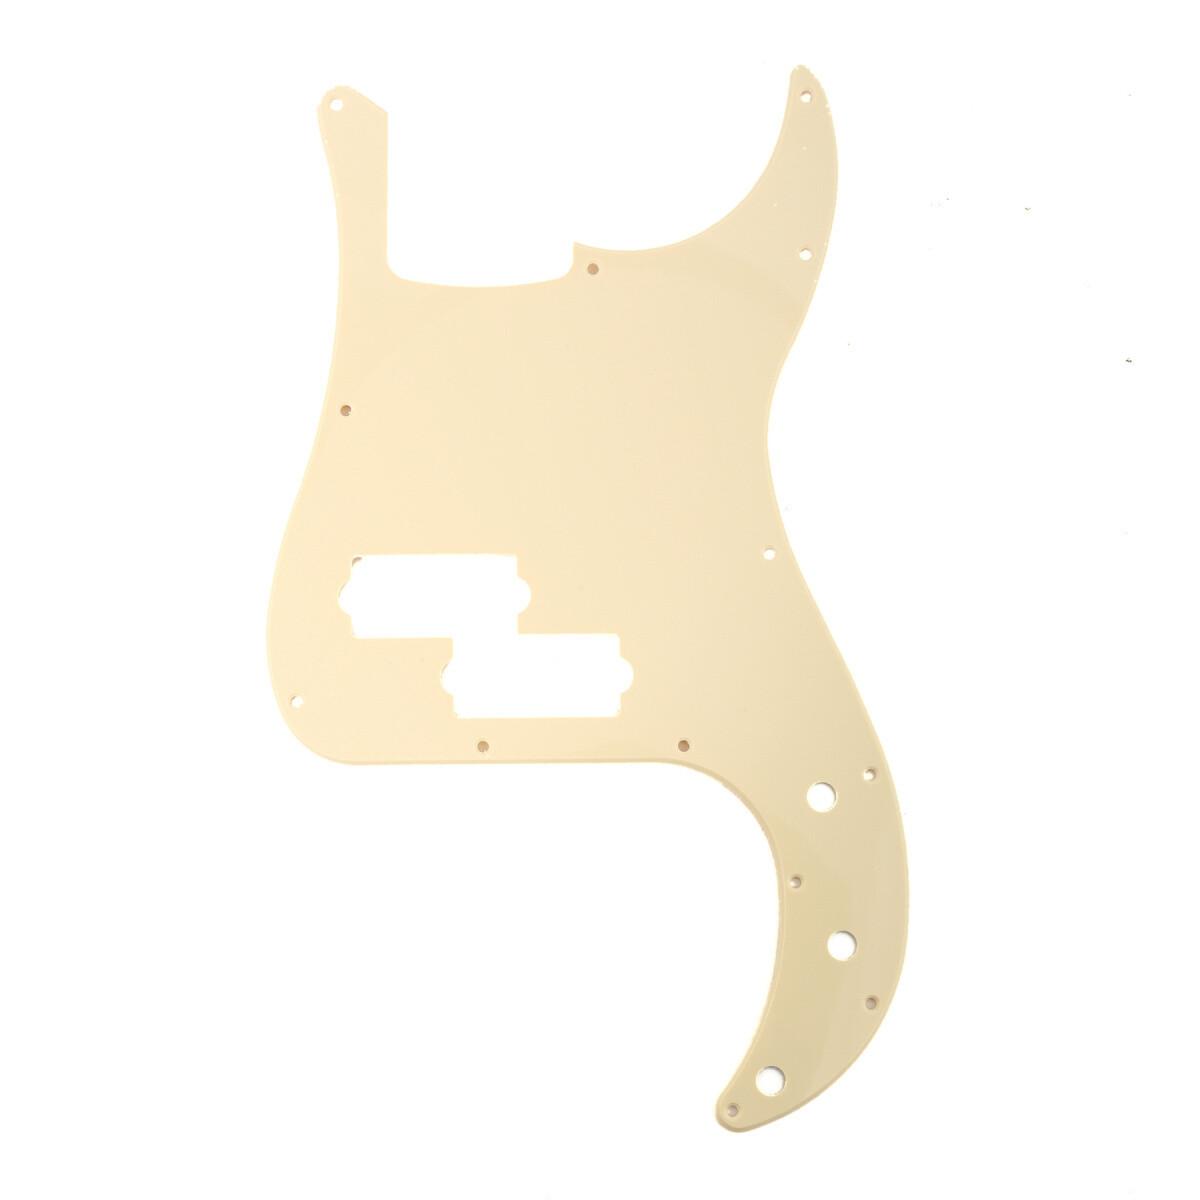 Brio 13 Hole 4 String Precision Bass, No Notch, Cream 1 Ply